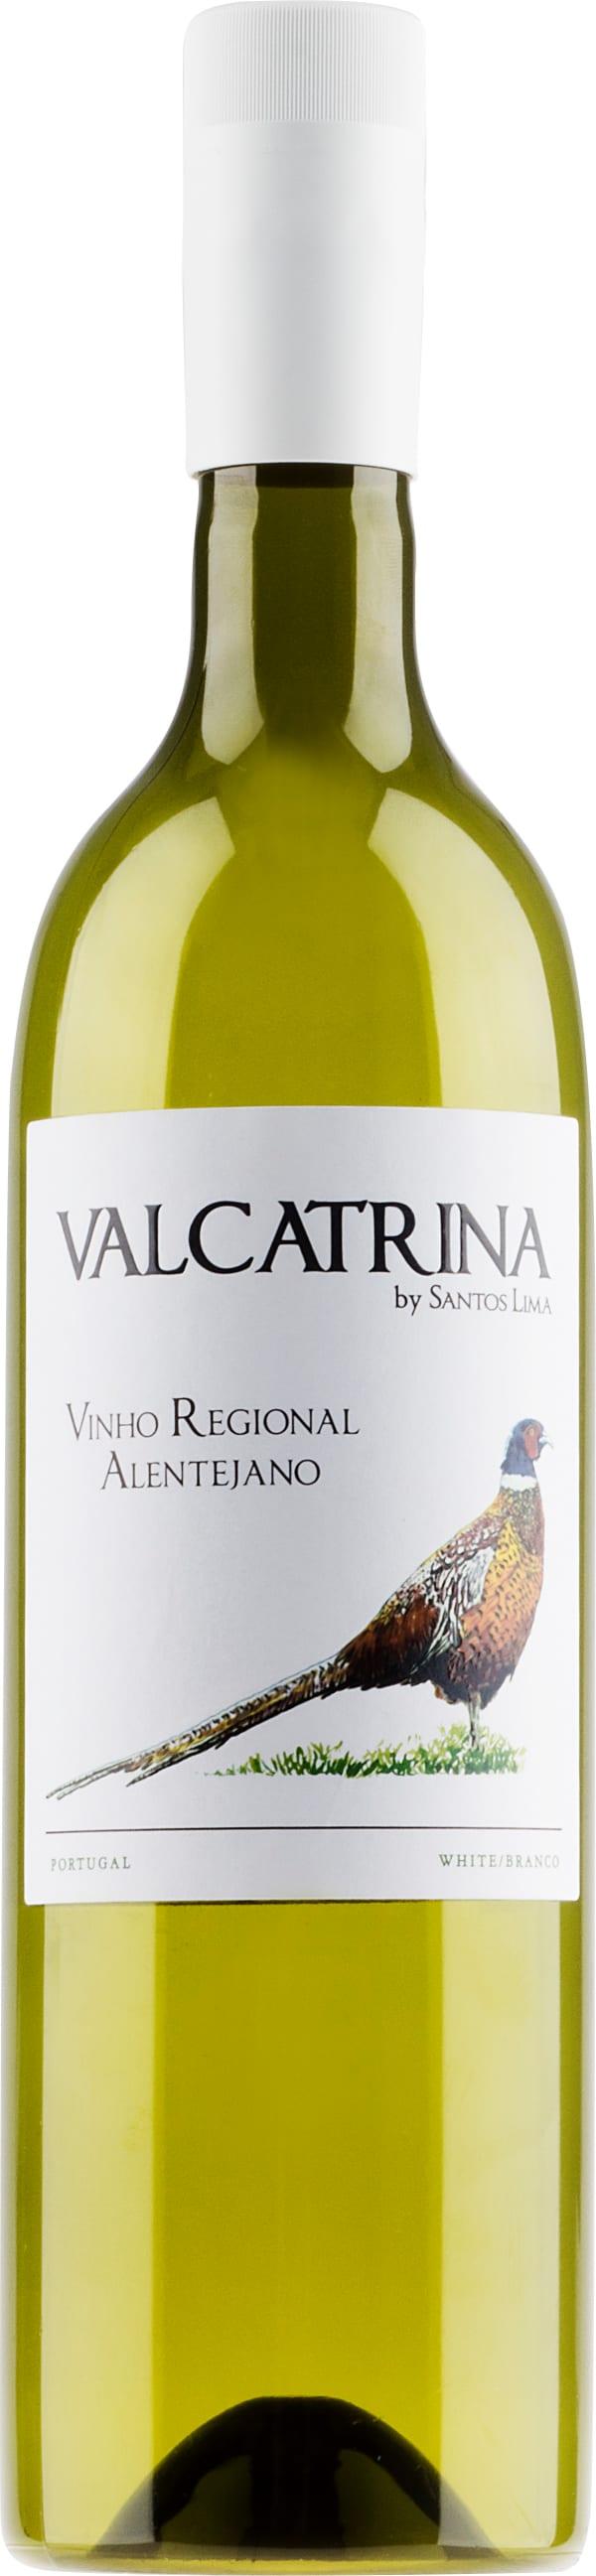 Valcatrina Branco 2019 plastic bottle